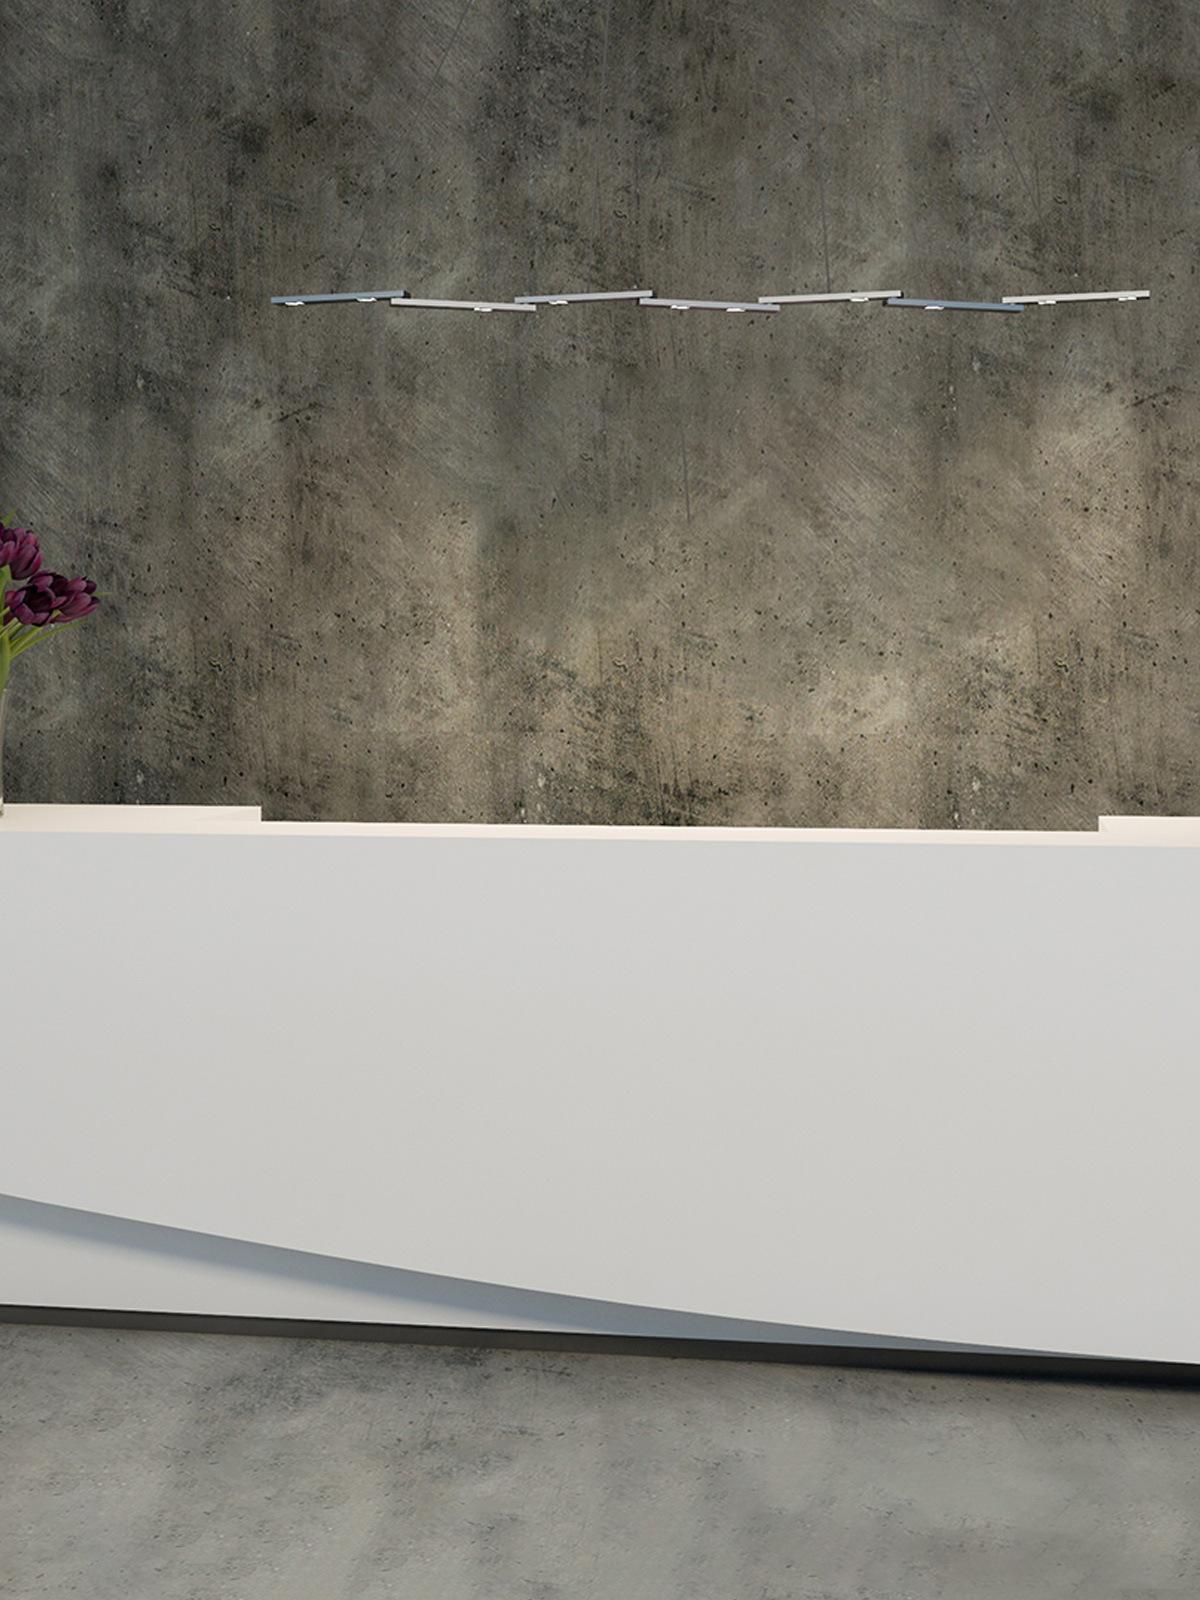 BYOK Nastro hochwertige LED Leuchte DesignOrt Lampen Onlineshop Berlin